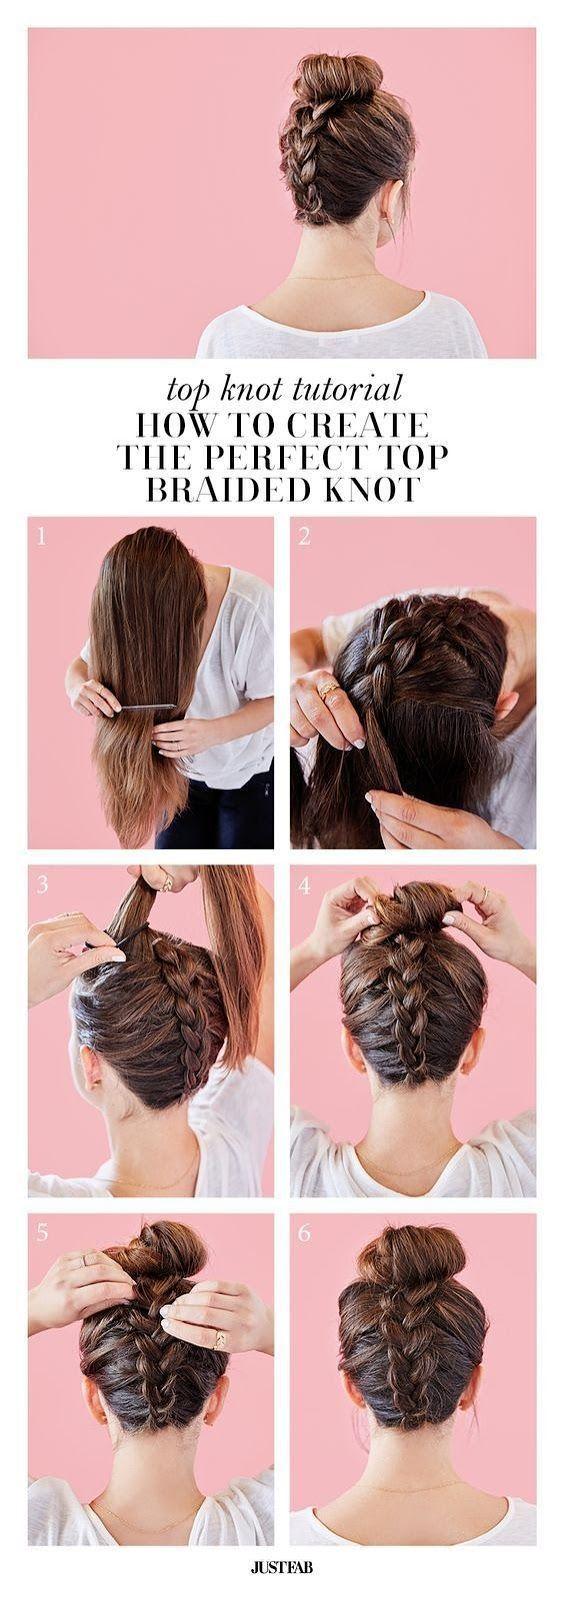 24 einfache Frisuren Schritt für Schritt DIY #einfache #frisuren #schritt